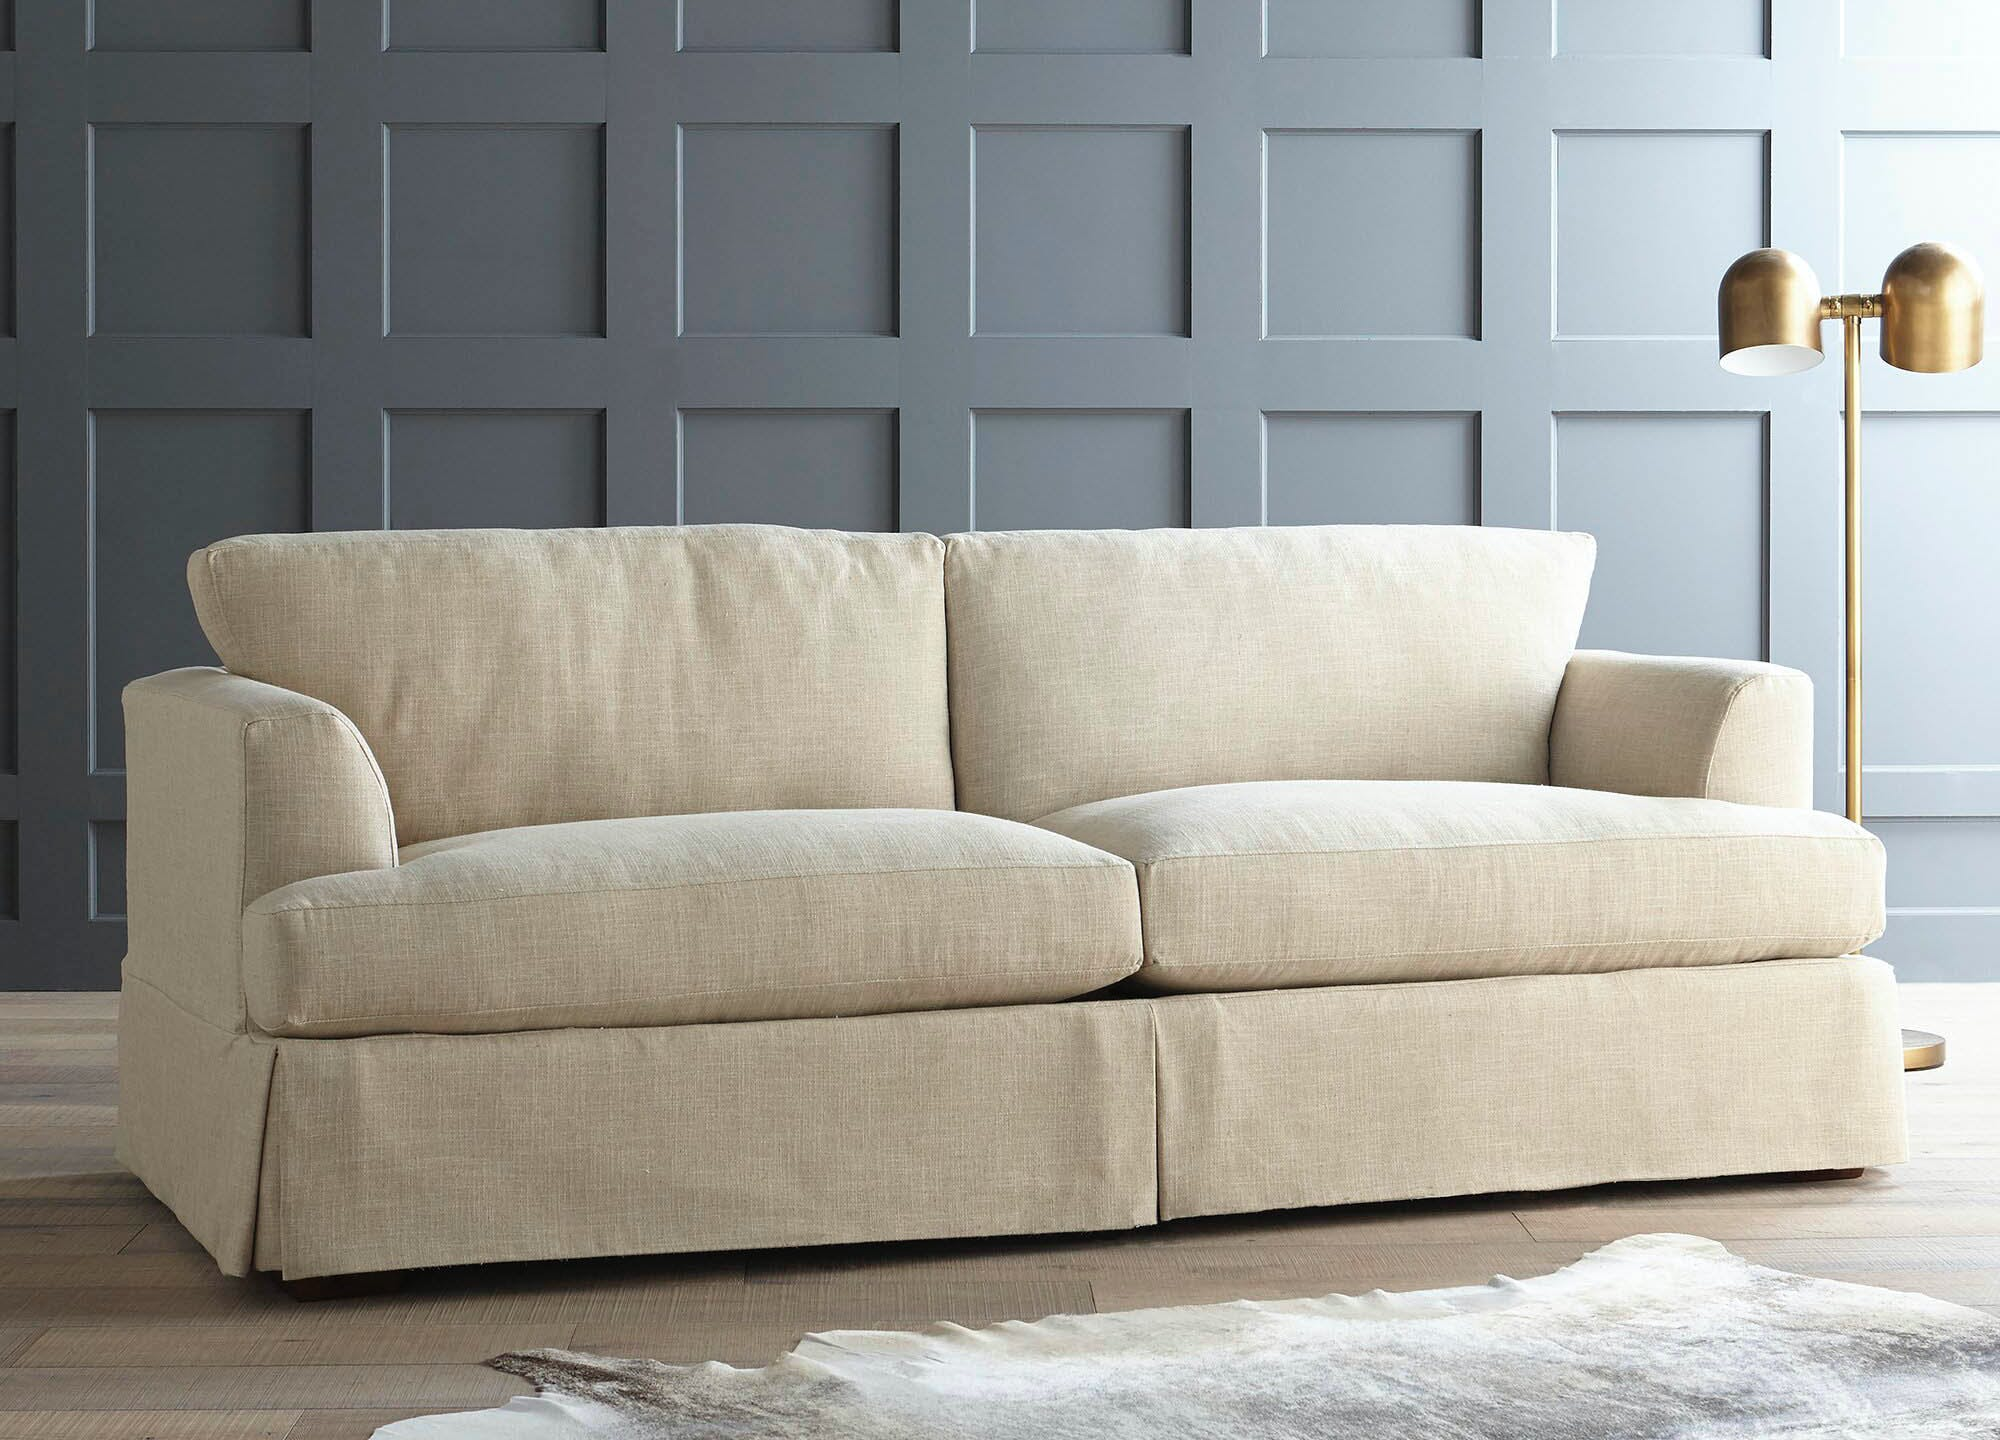 wayfair 72 hour sale slipcover sofa